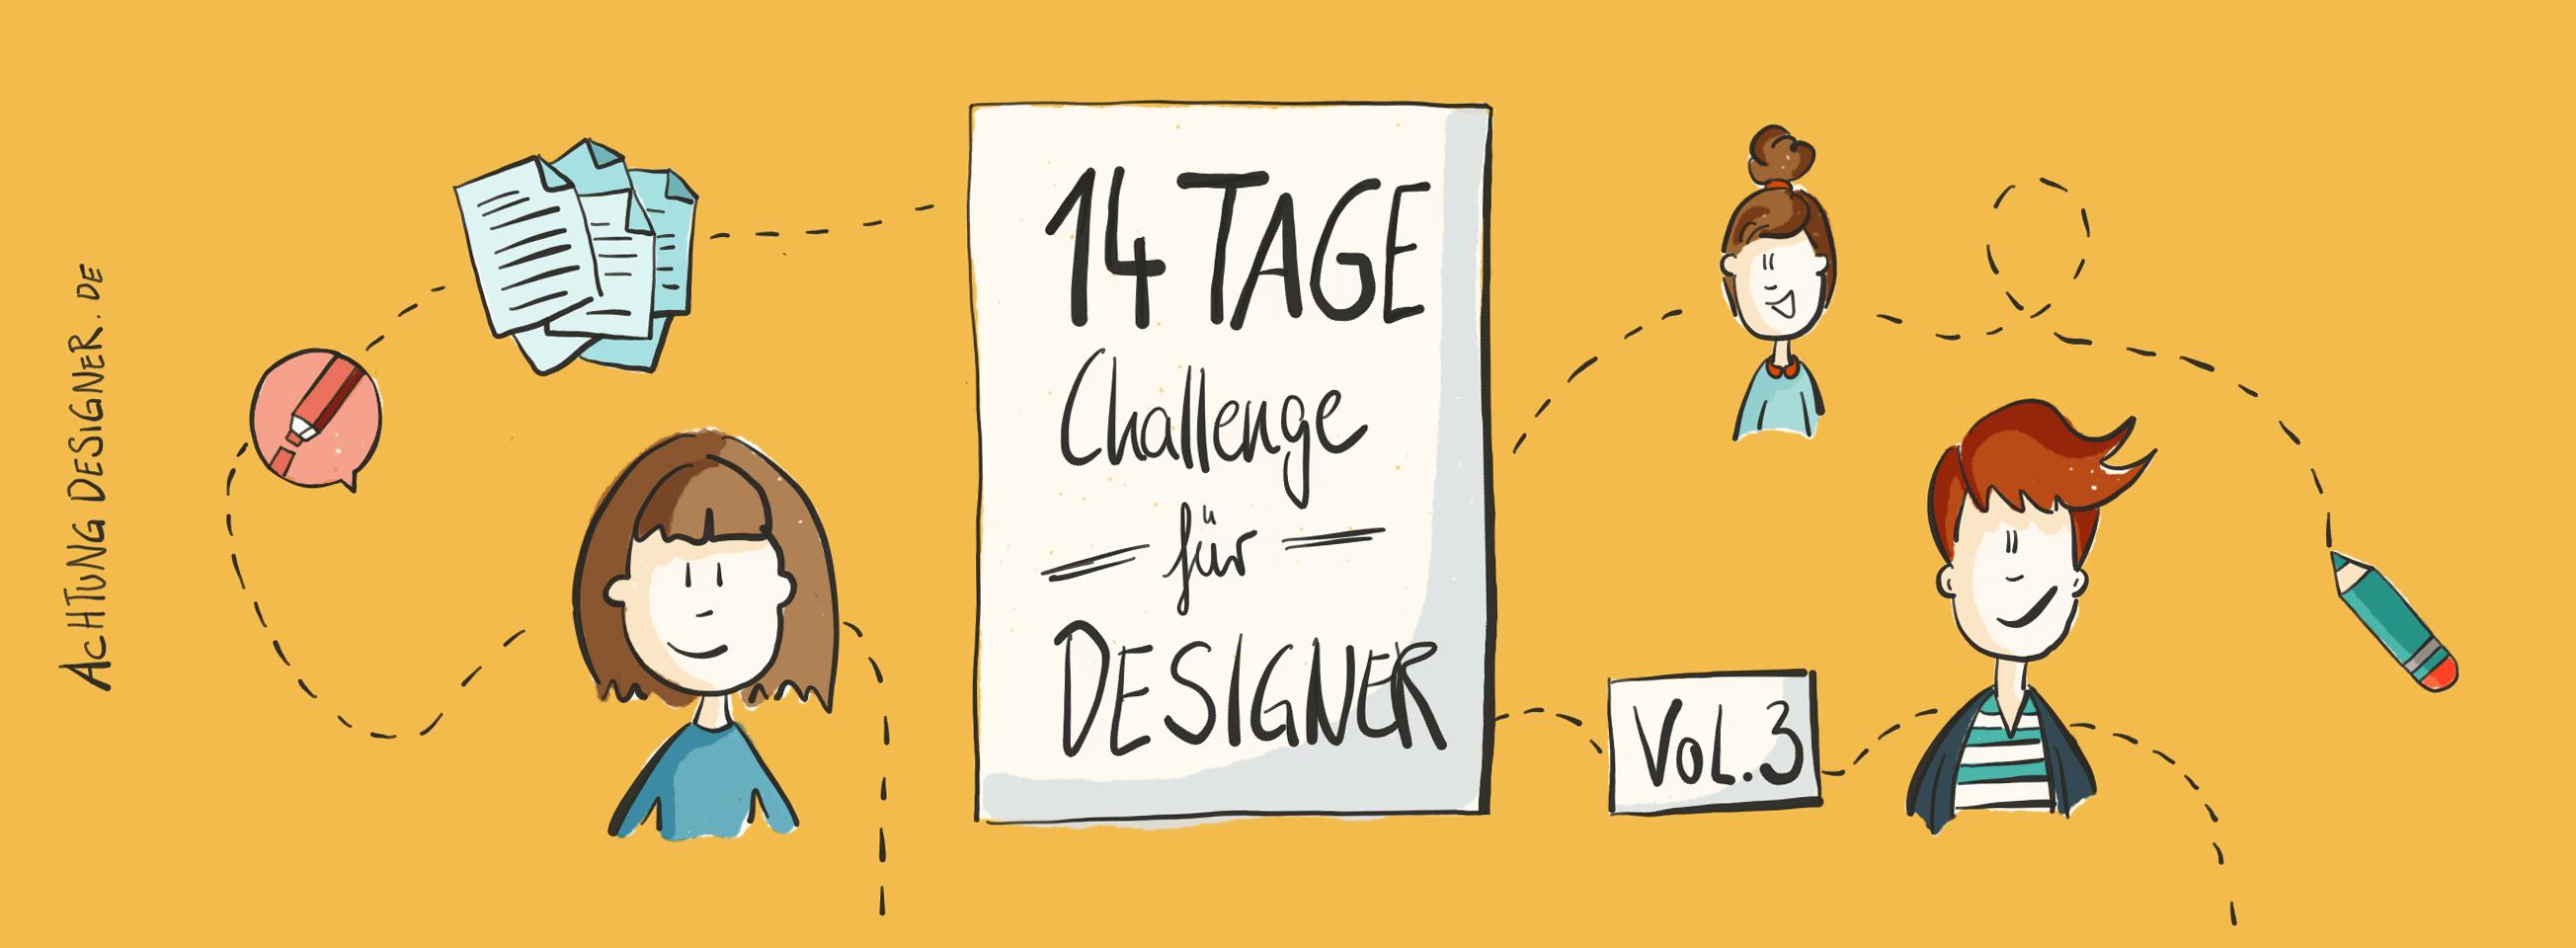 14-Tage-Challenge für Designer @Gudrun Wegener | Achtung Designer